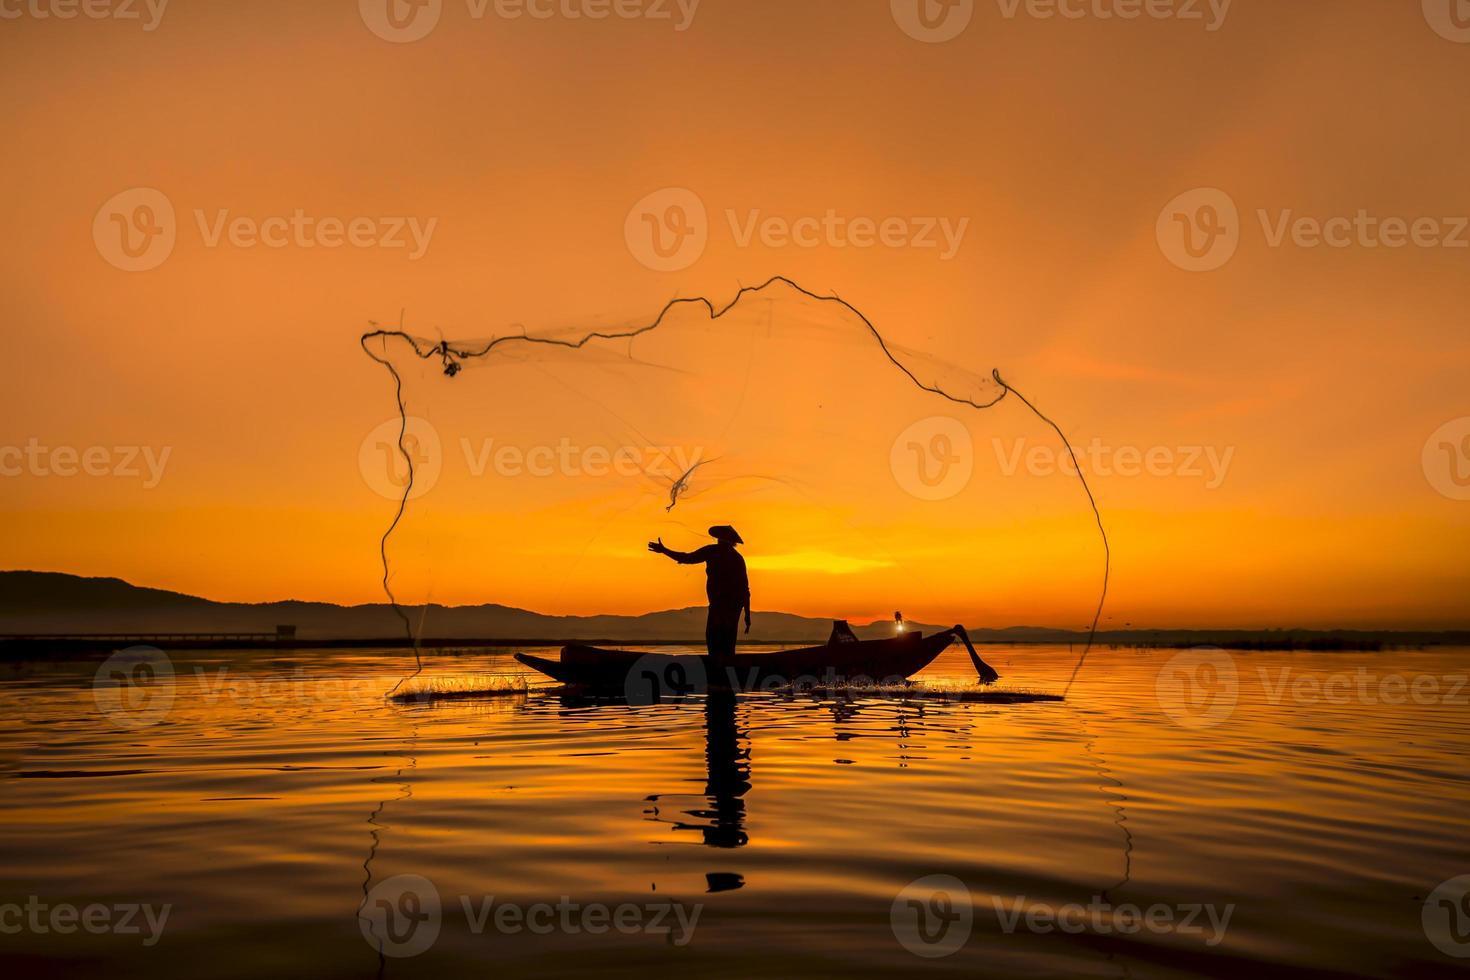 pescador do lago bangpra em ação ao pescar, Tailândia. foto